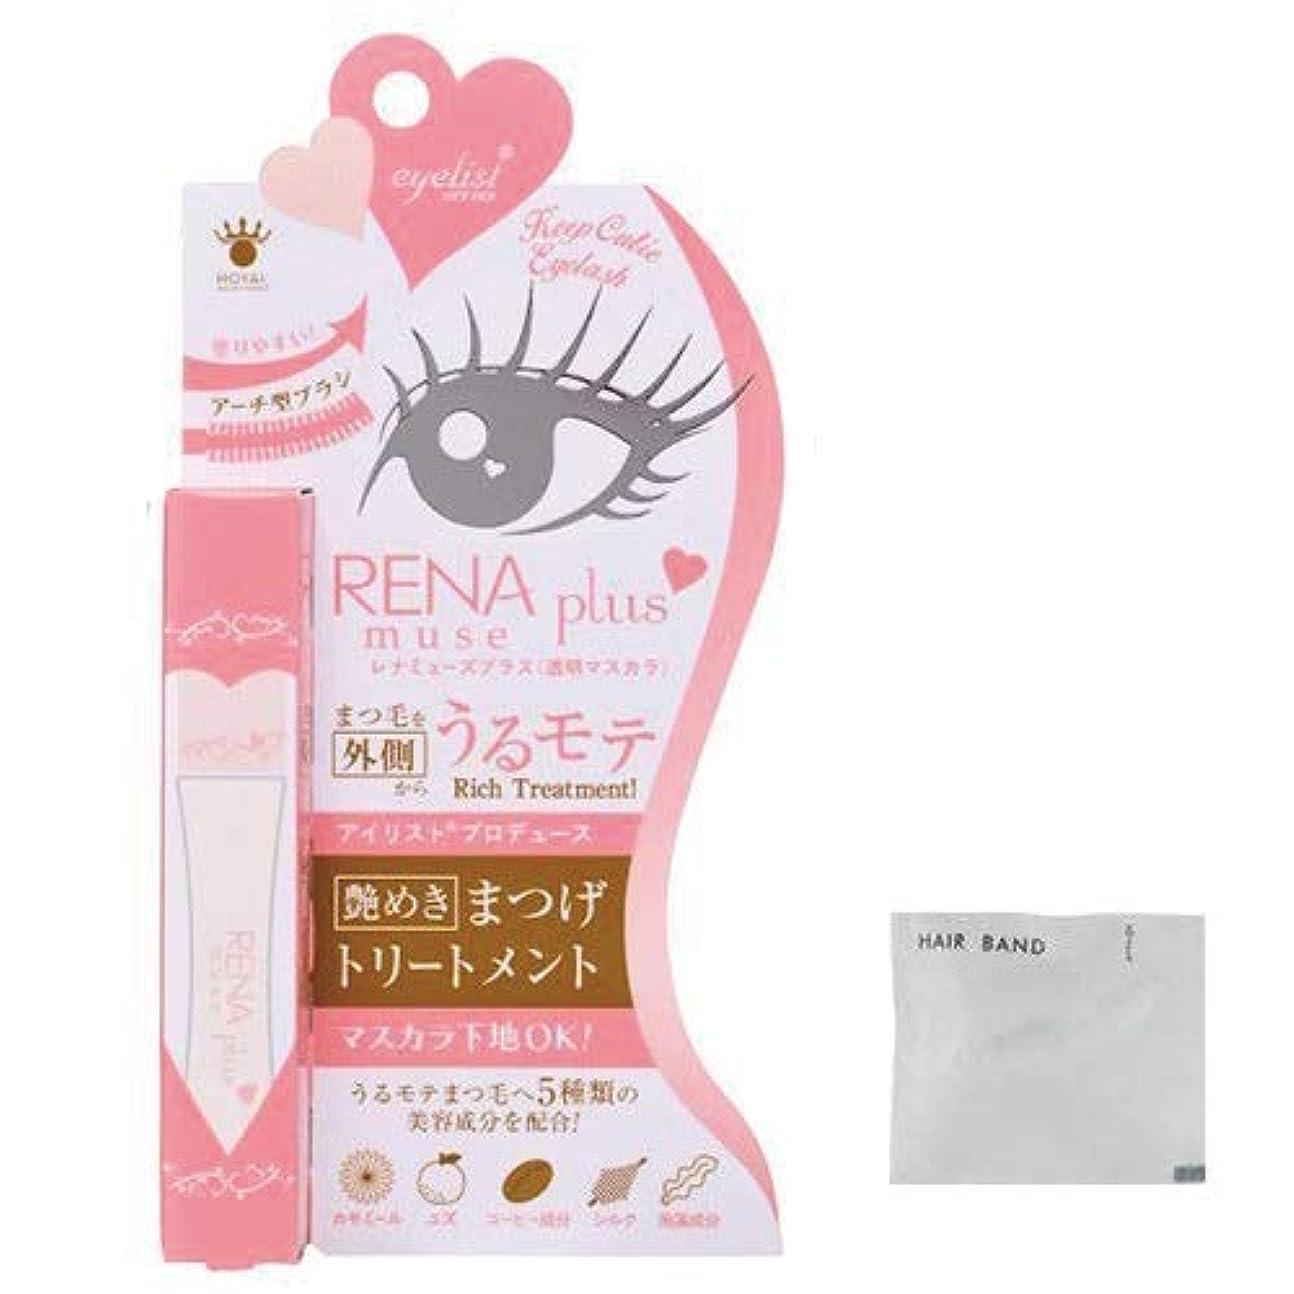 調整可能類推兵隊アイリスト(eyelist) RENA muse plus(レナミューズプラス) 8g + ヘアゴム(カラーはおまかせ)セット